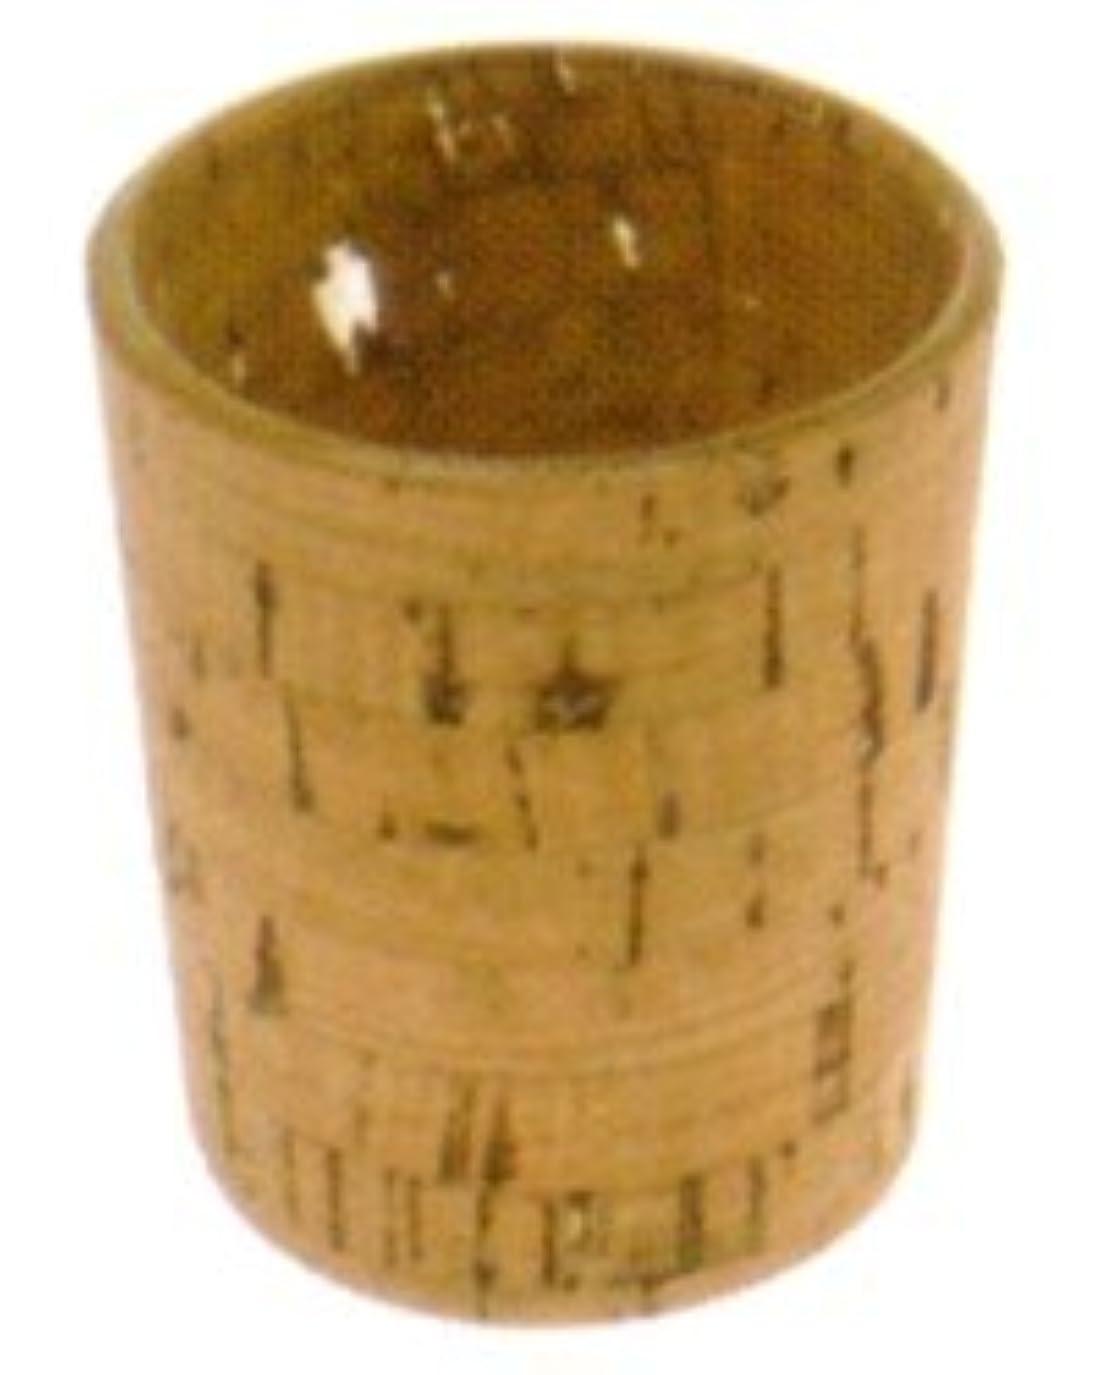 ペンフレンドハンディ札入れキャンドルホルダー ナチュラルウッド cork